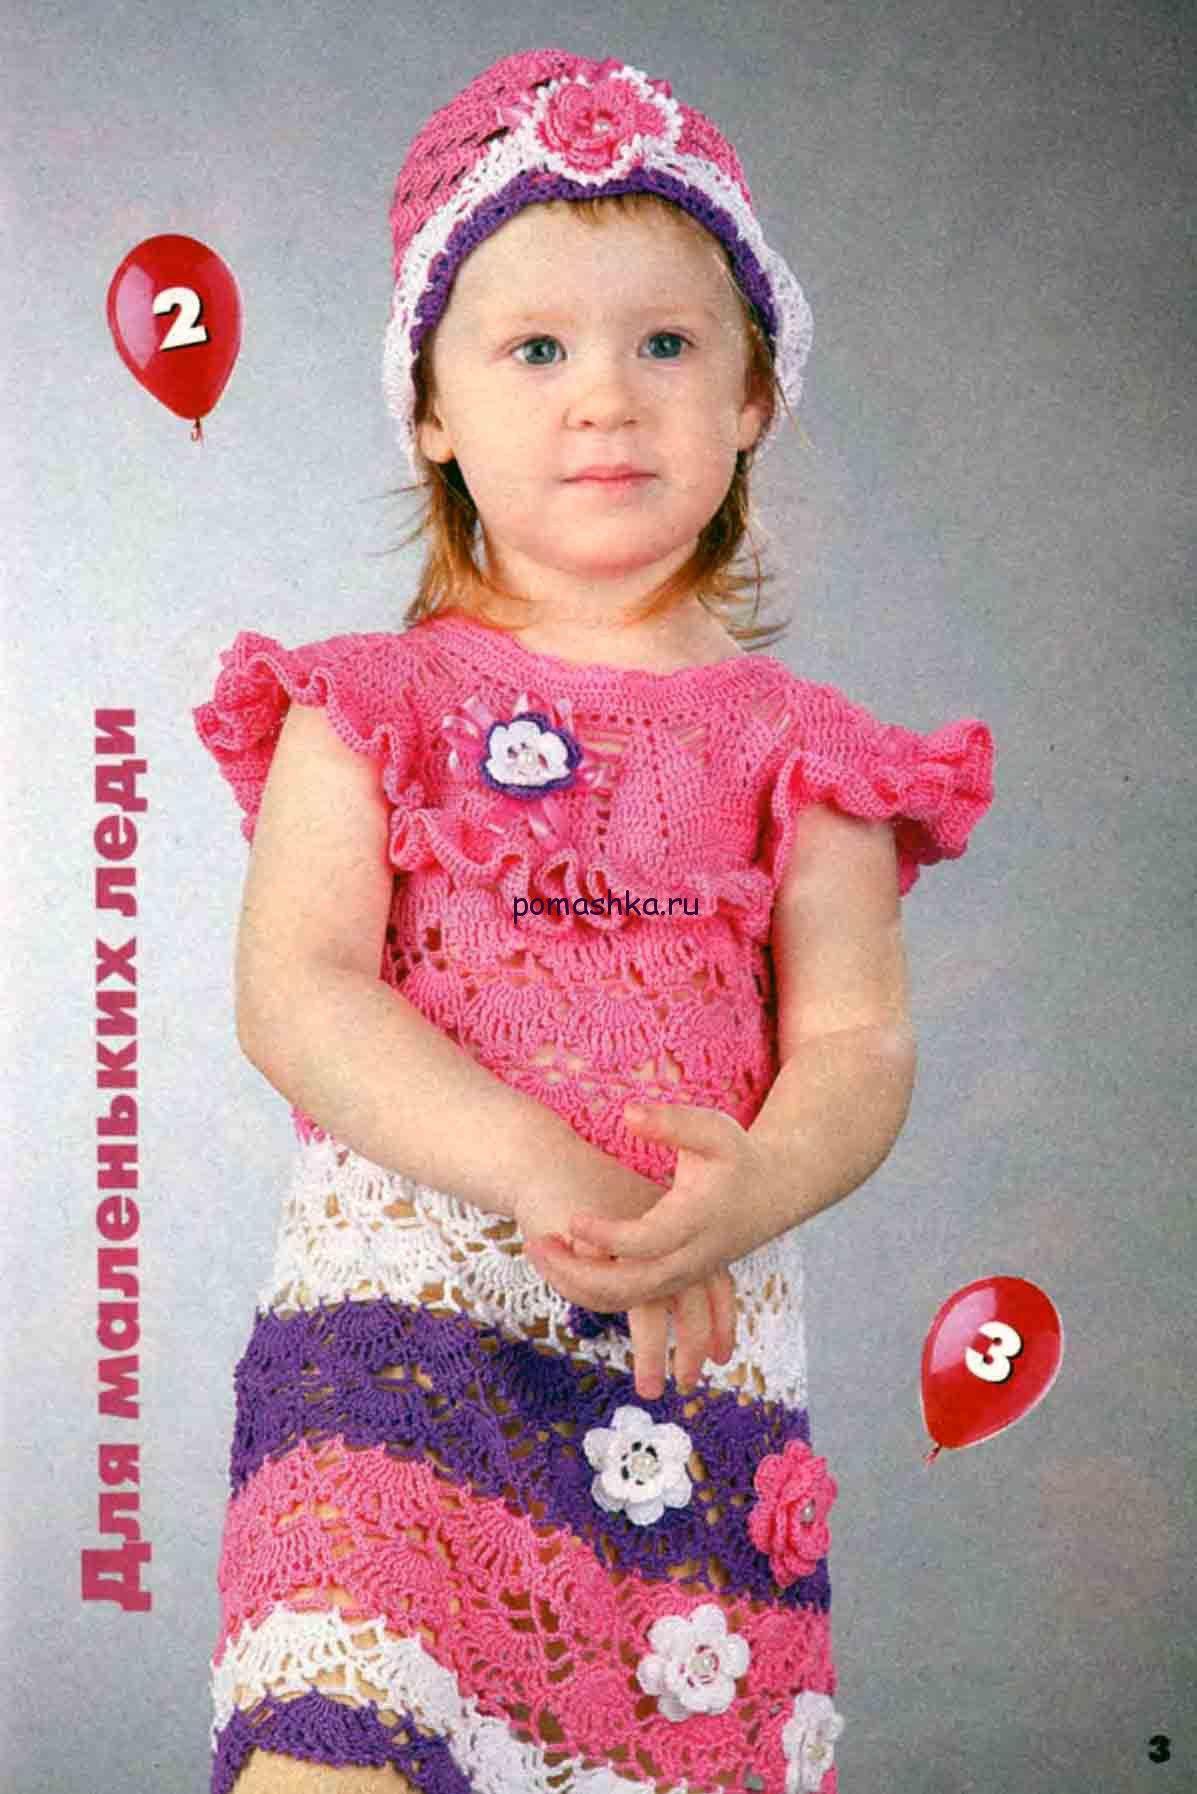 Летнии платье и панамка на 2 года | для девочек | Pinterest